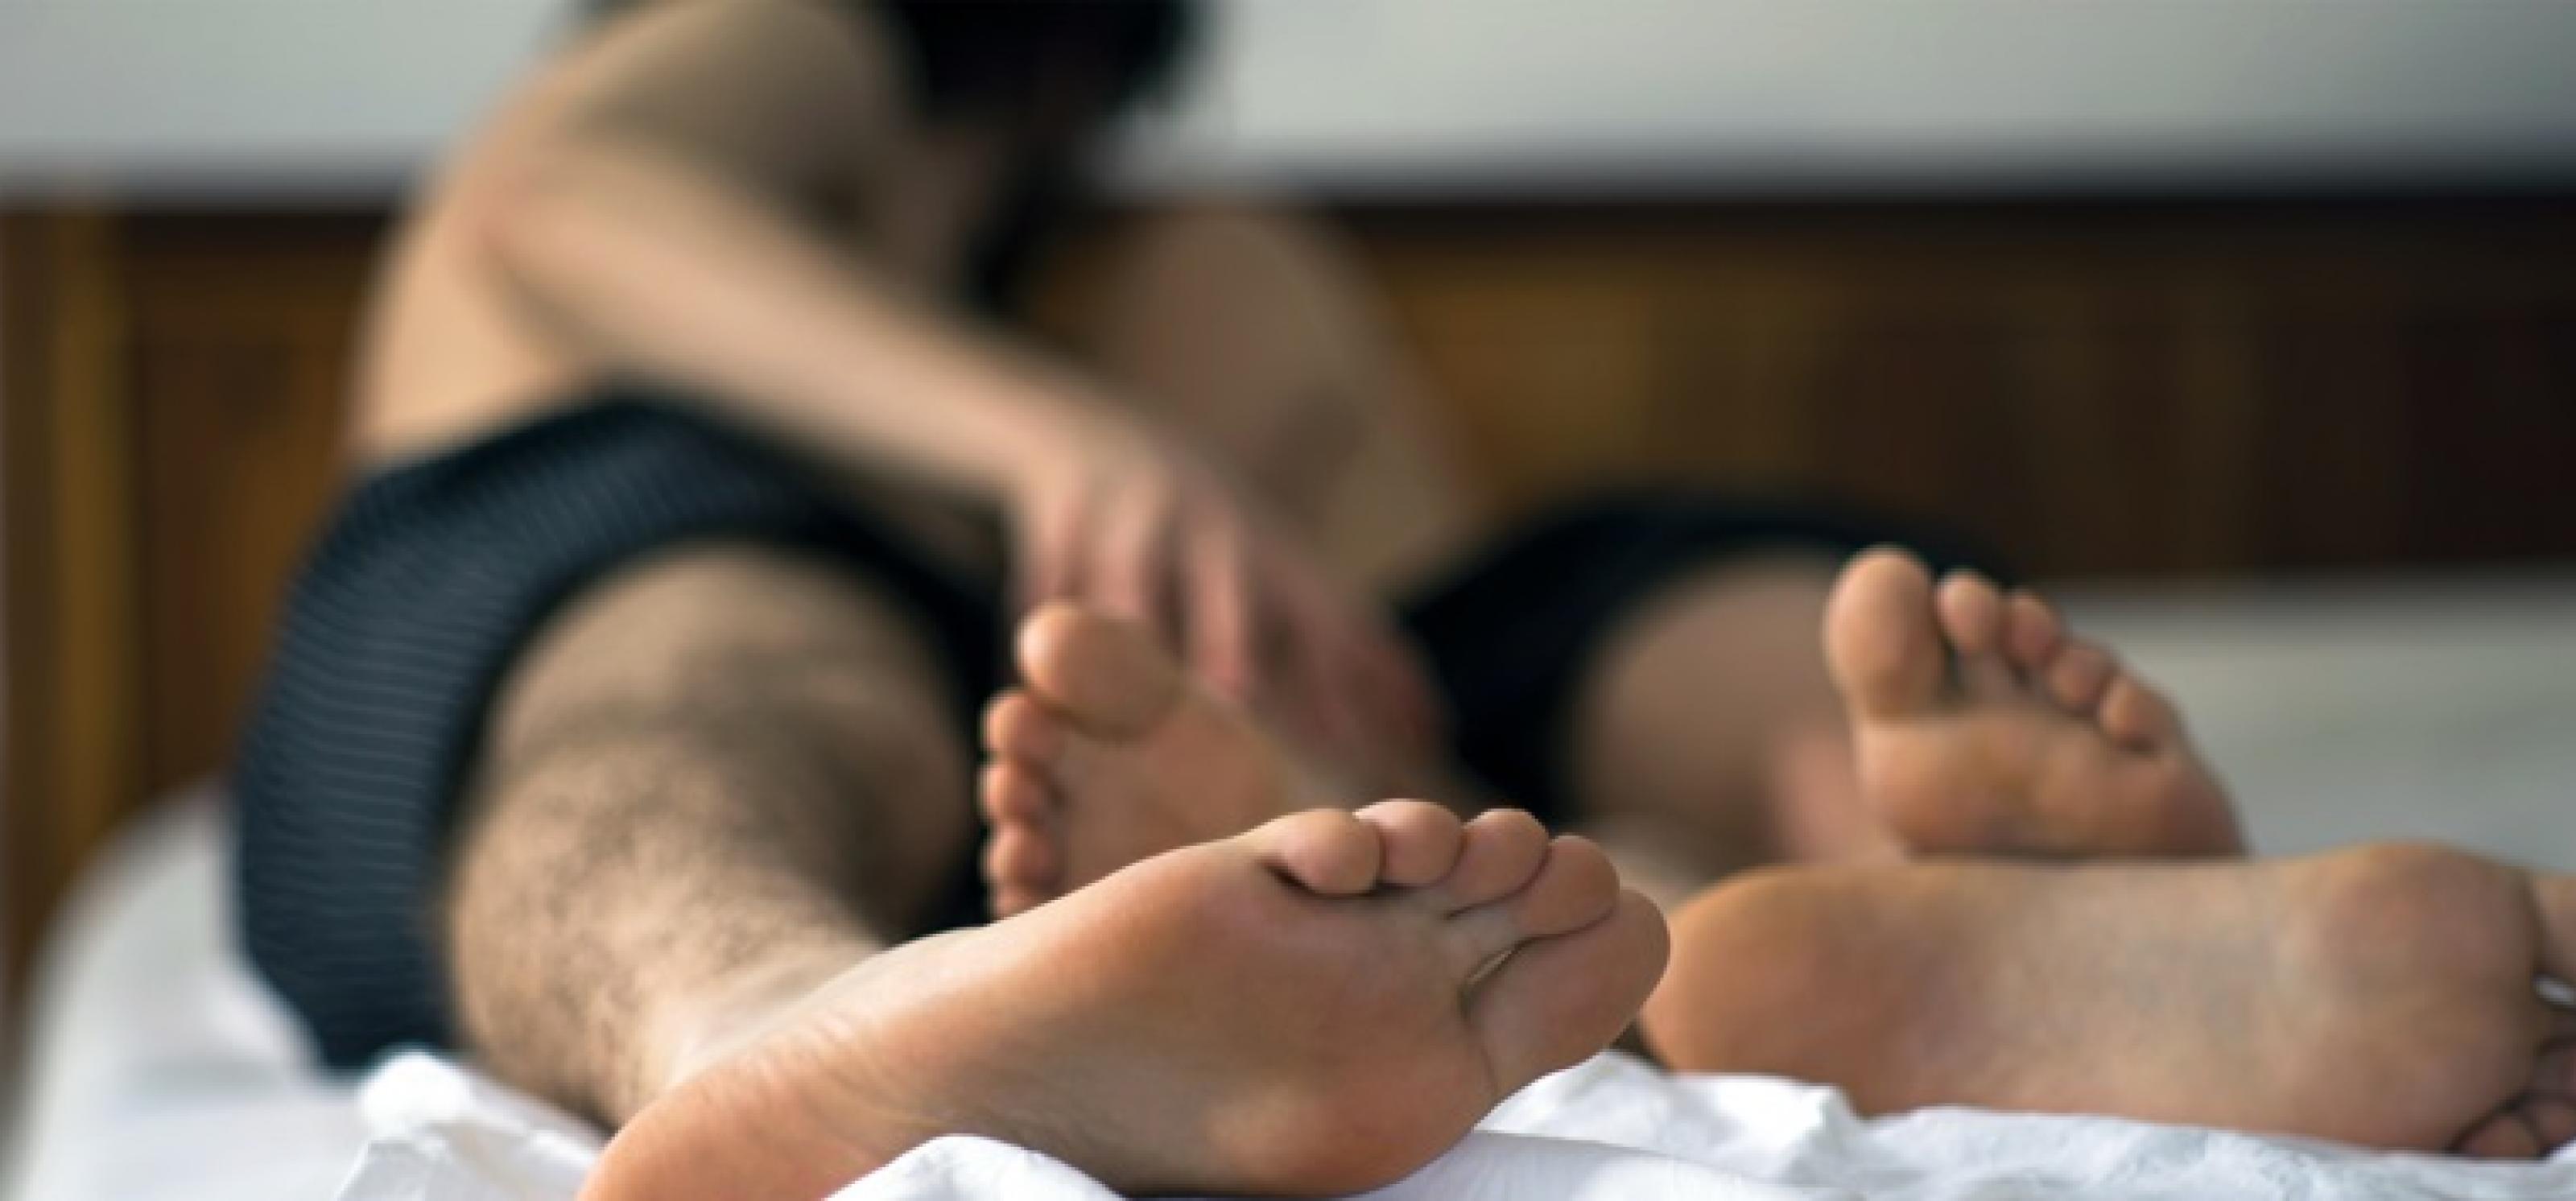 sex ohne finanzielles interesse sex reiterstellung